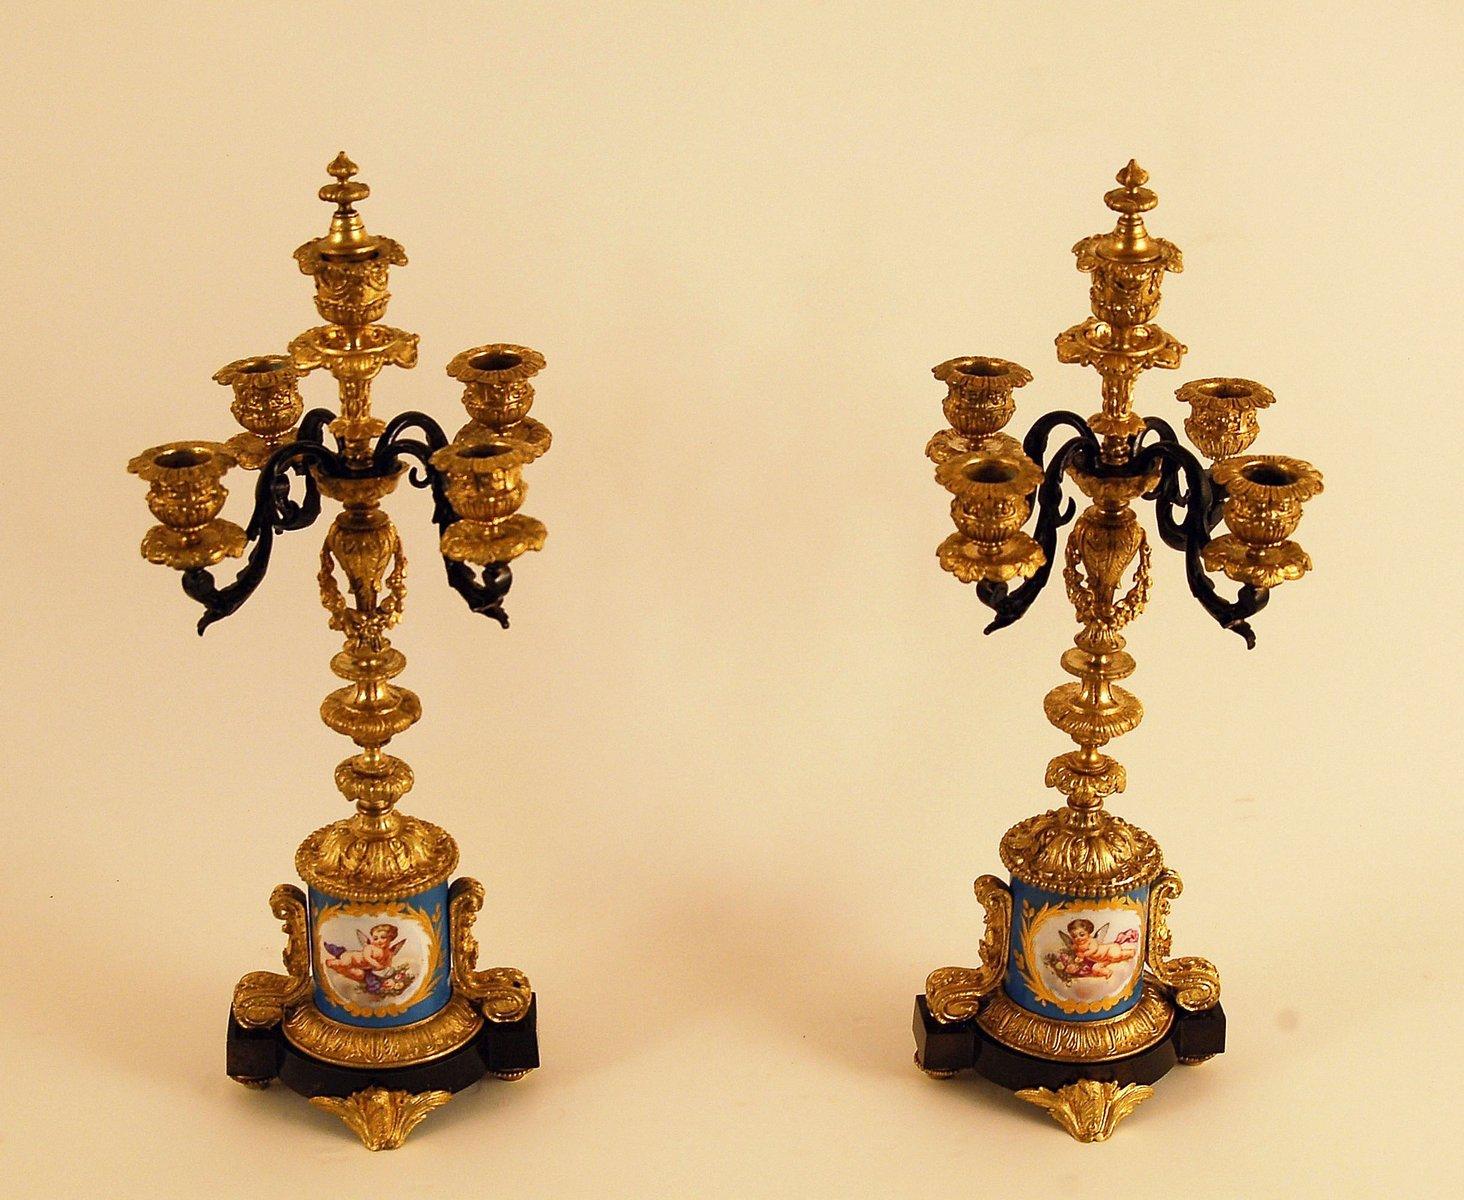 Kronleuchter Antik Porzellan ~ Bronze antik kronleuchter online kaufen möbel suchmaschine